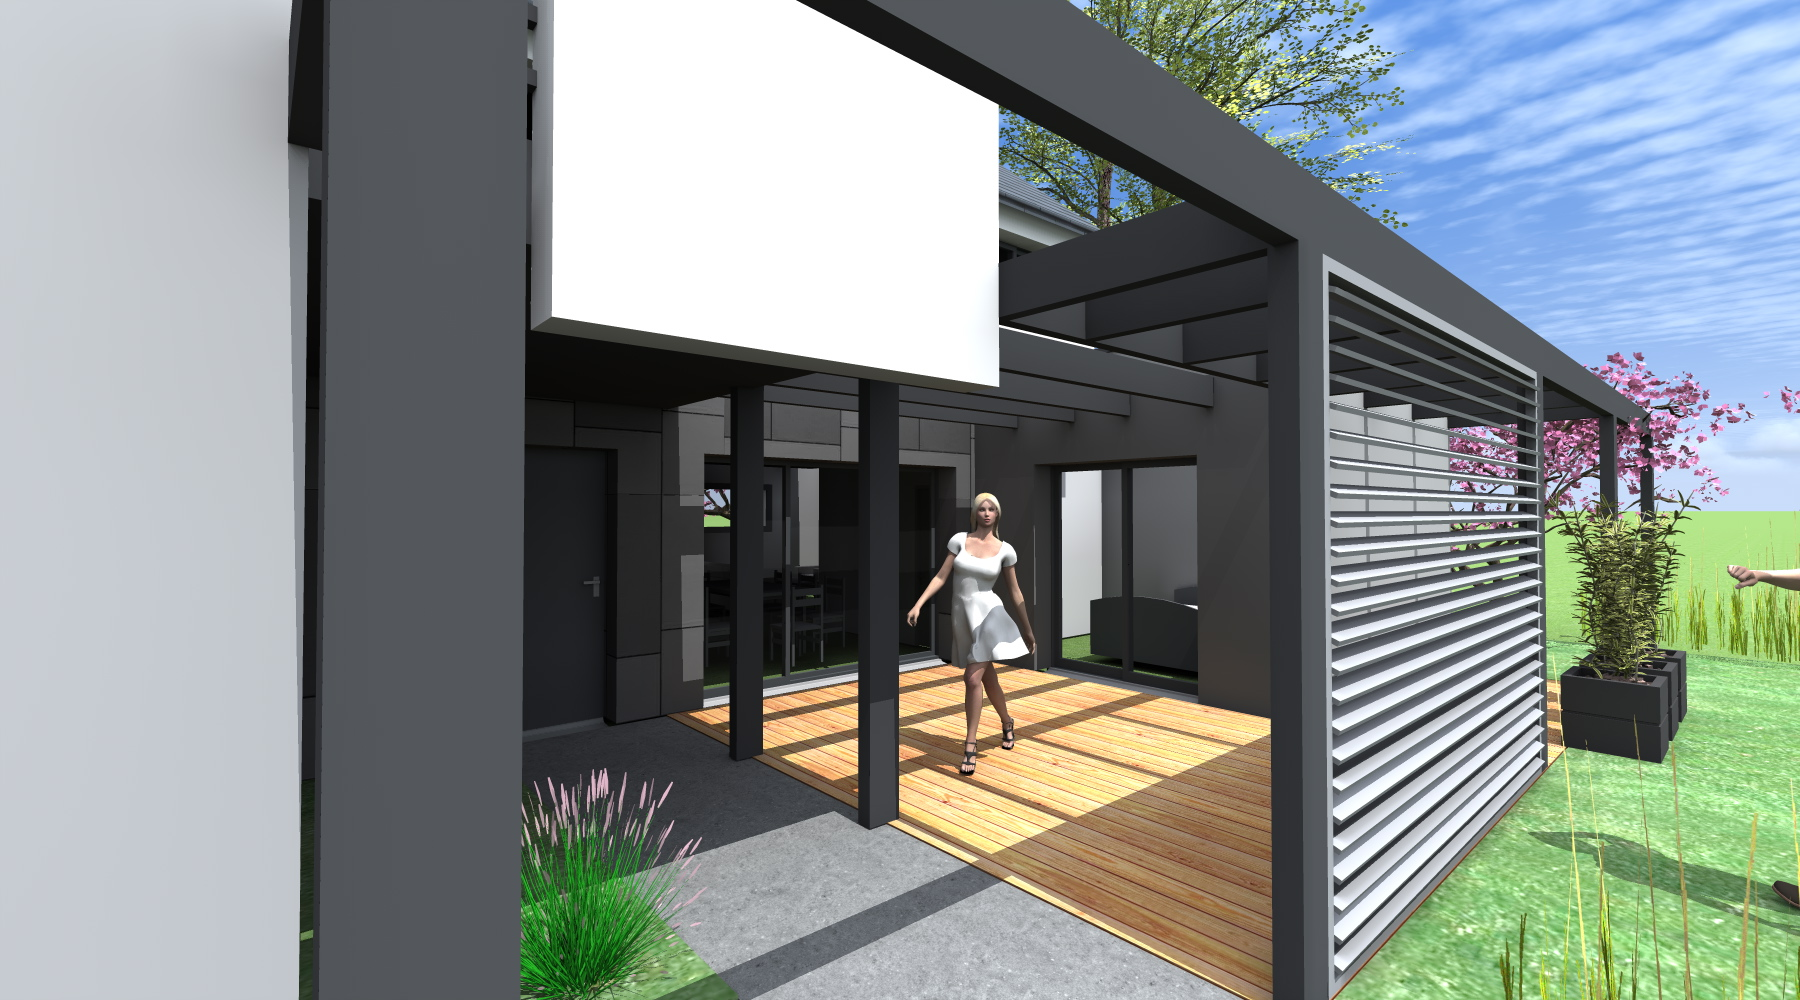 maison d 39 architecte contemporaine st gr goire 35 agence 2 2 vues. Black Bedroom Furniture Sets. Home Design Ideas